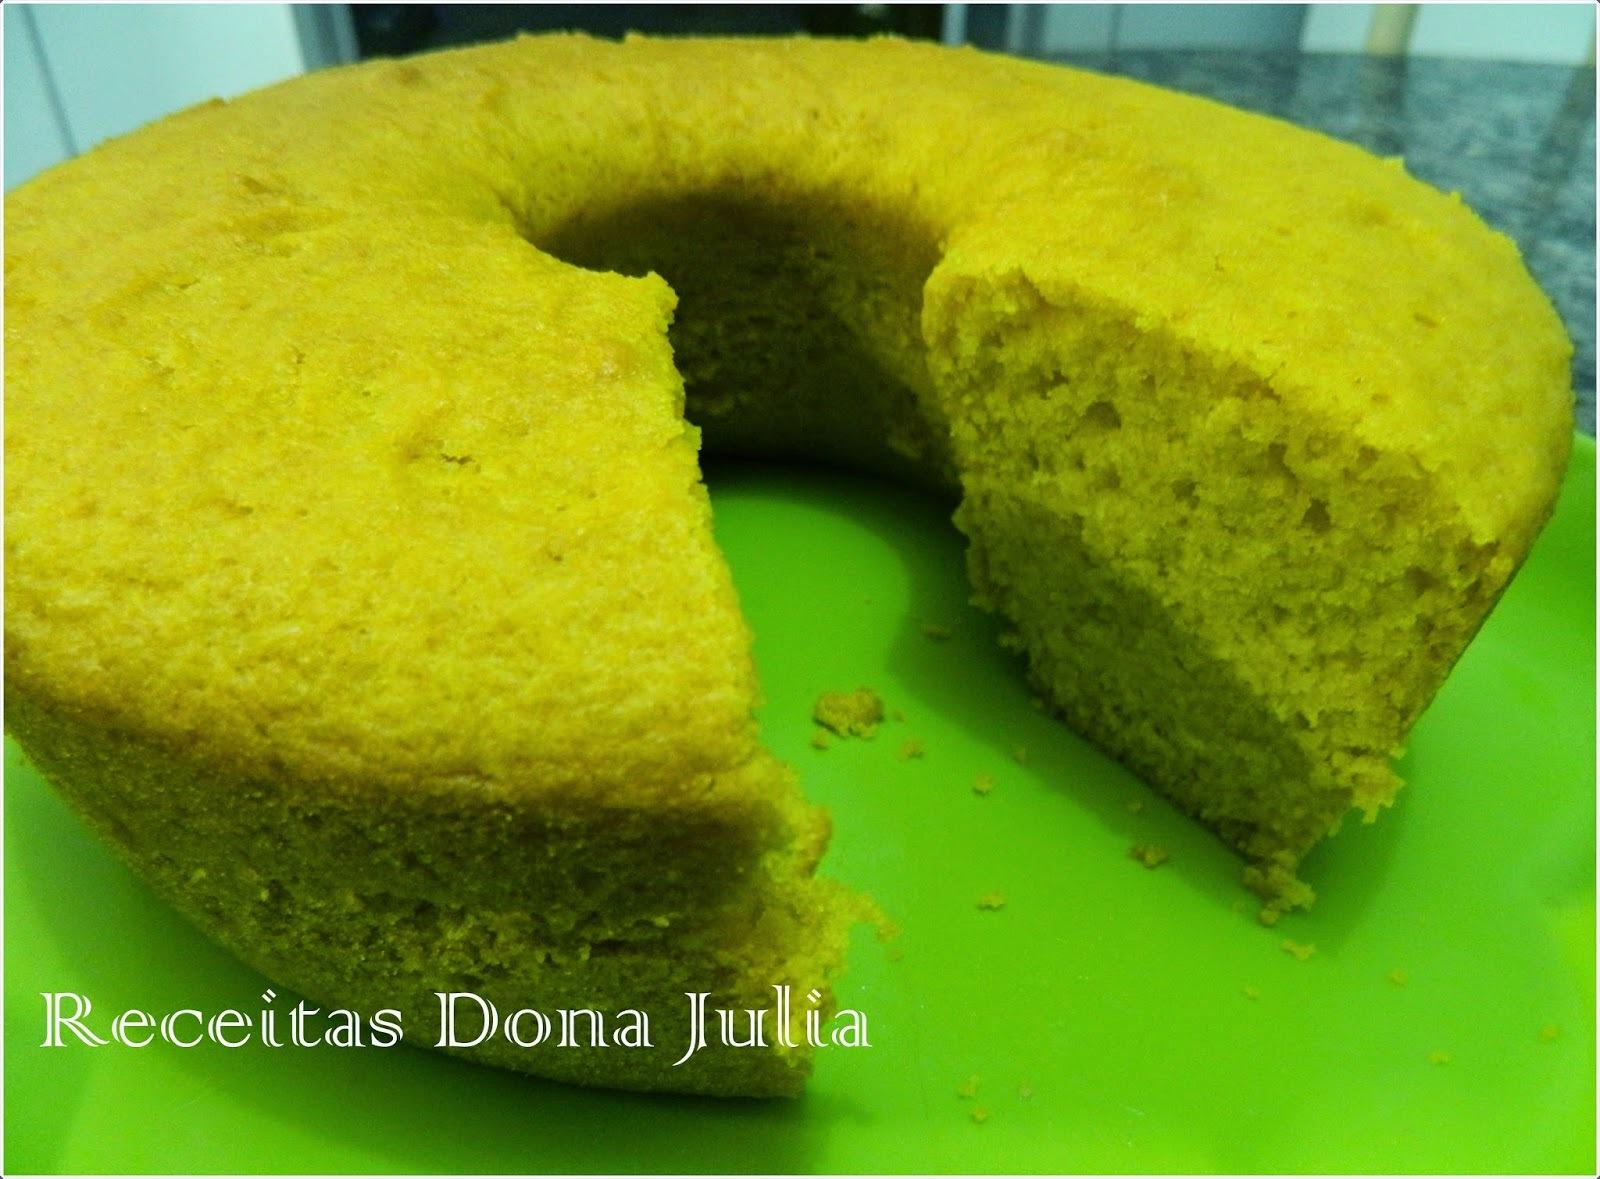 bolo caseiro feito com oleo